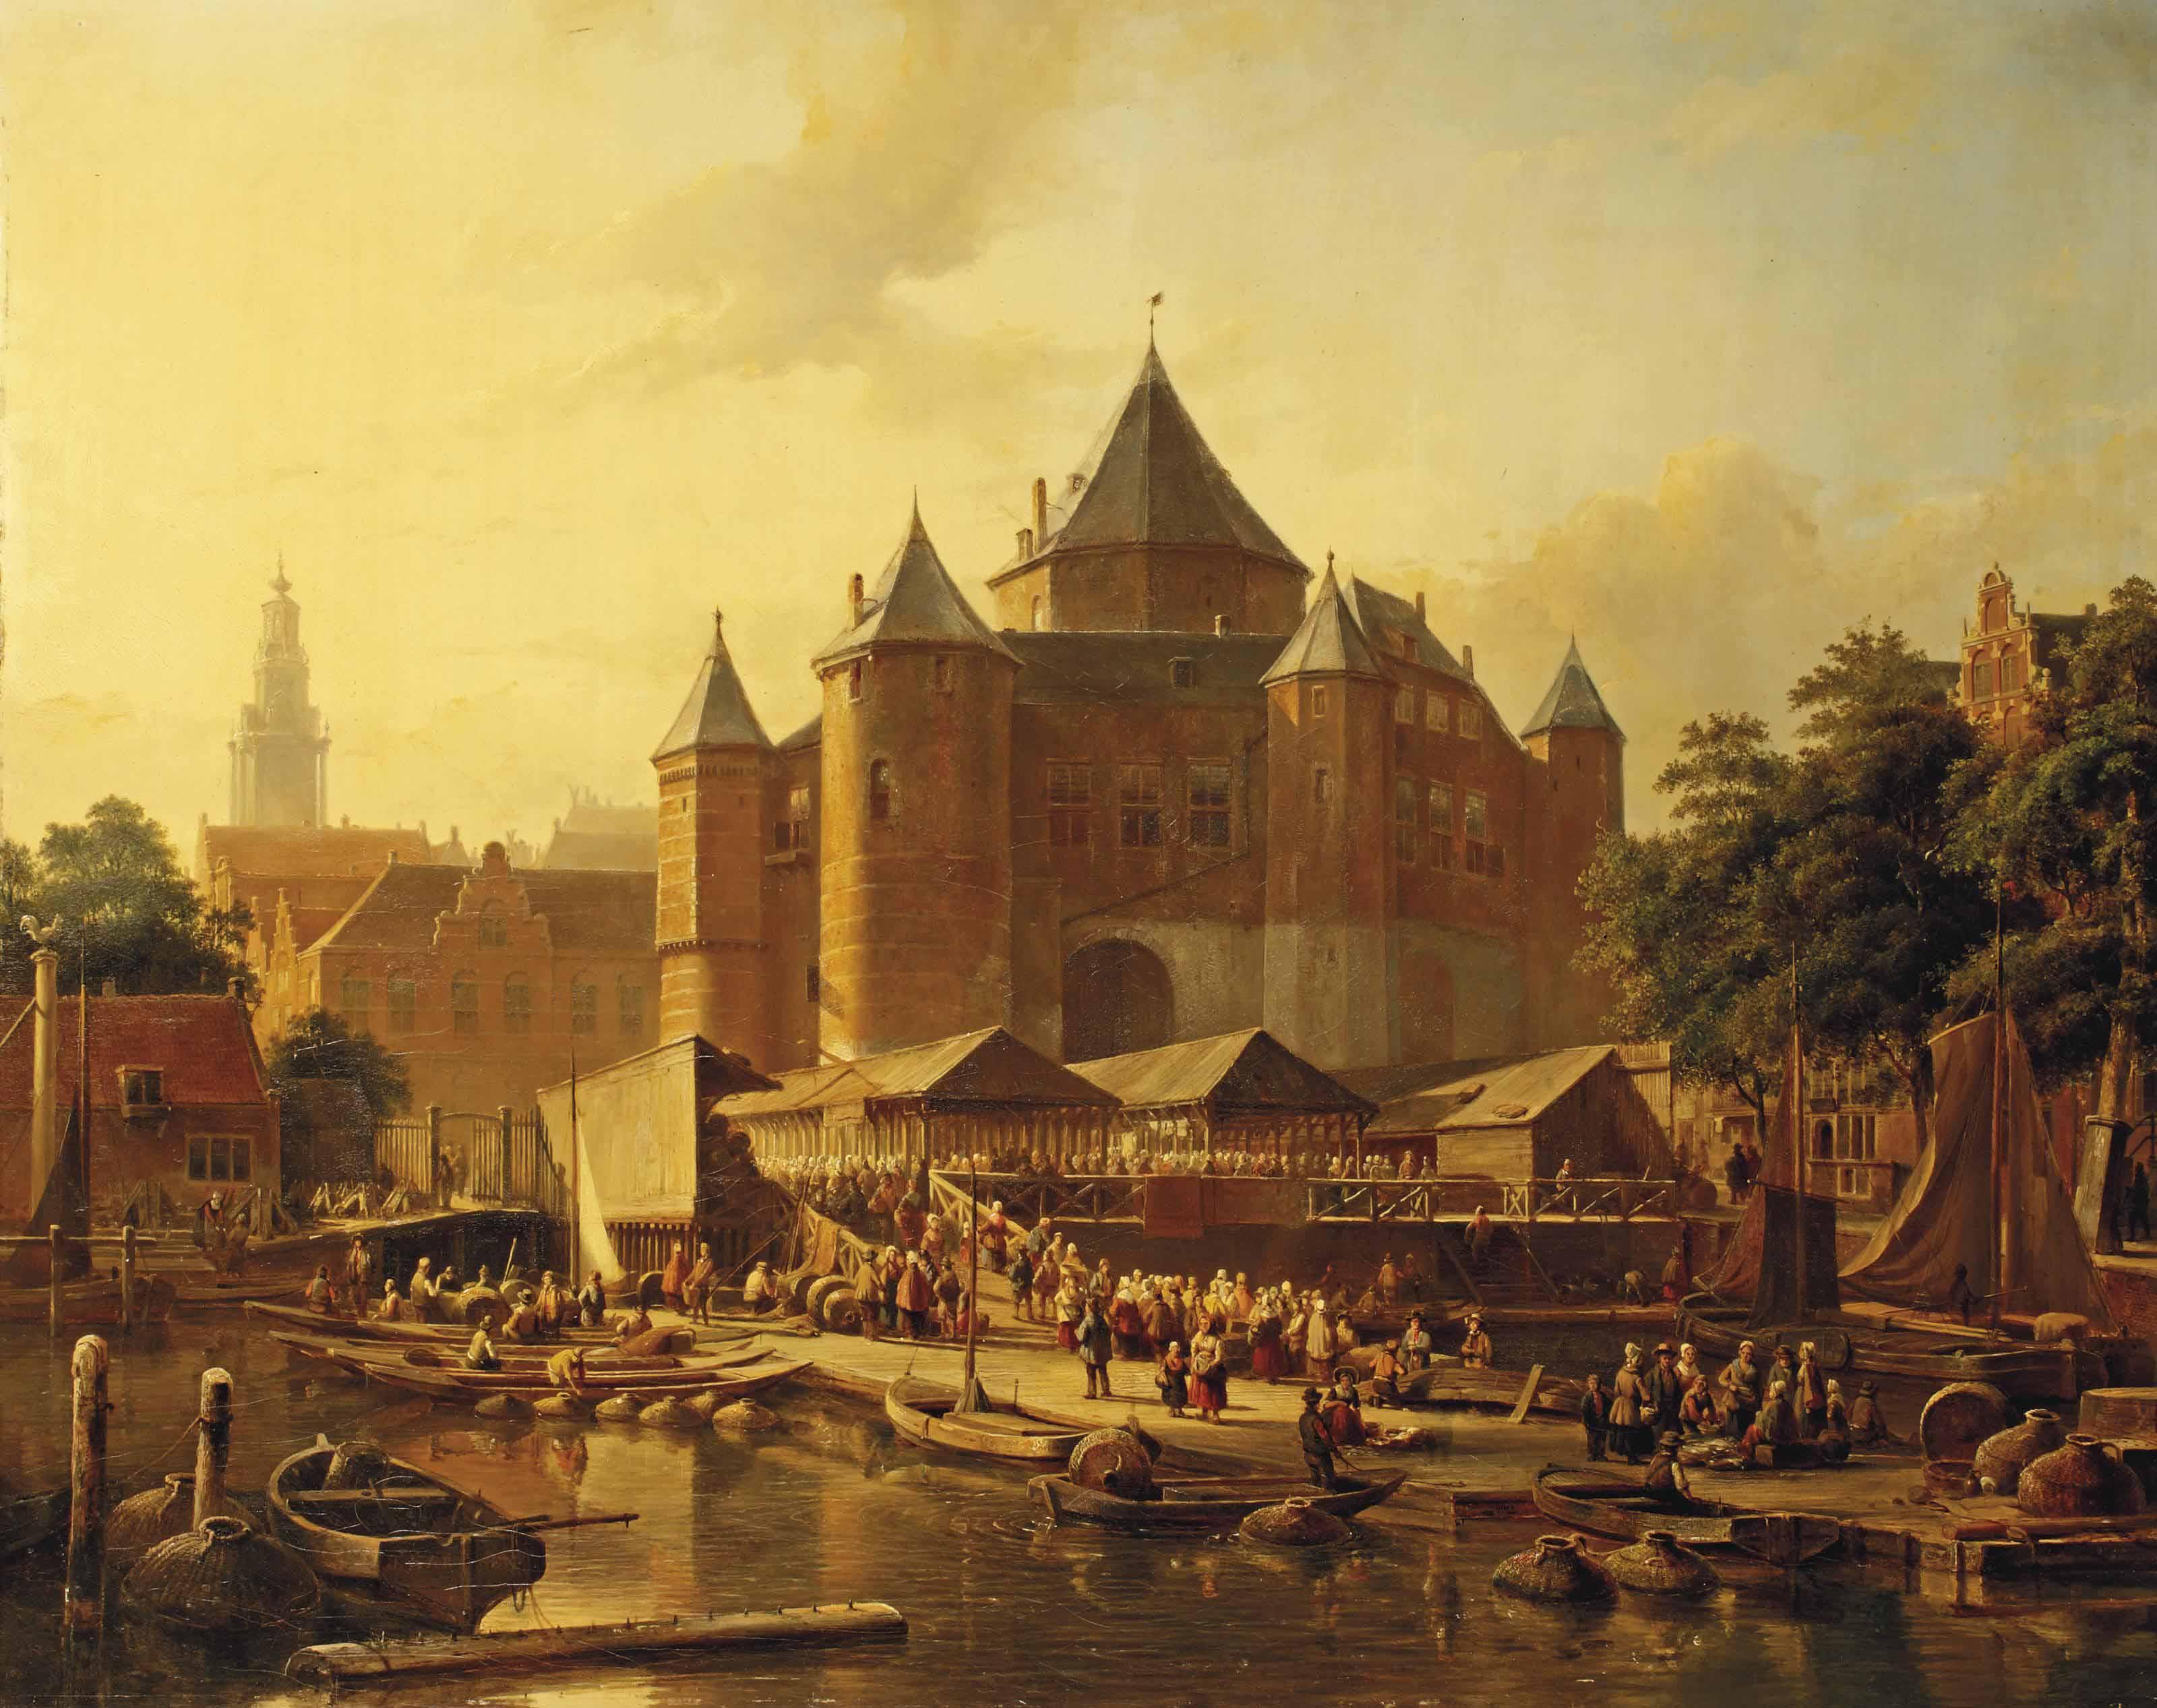 A fish market by De Waag on the Nieuwmarkt, Amsterdam